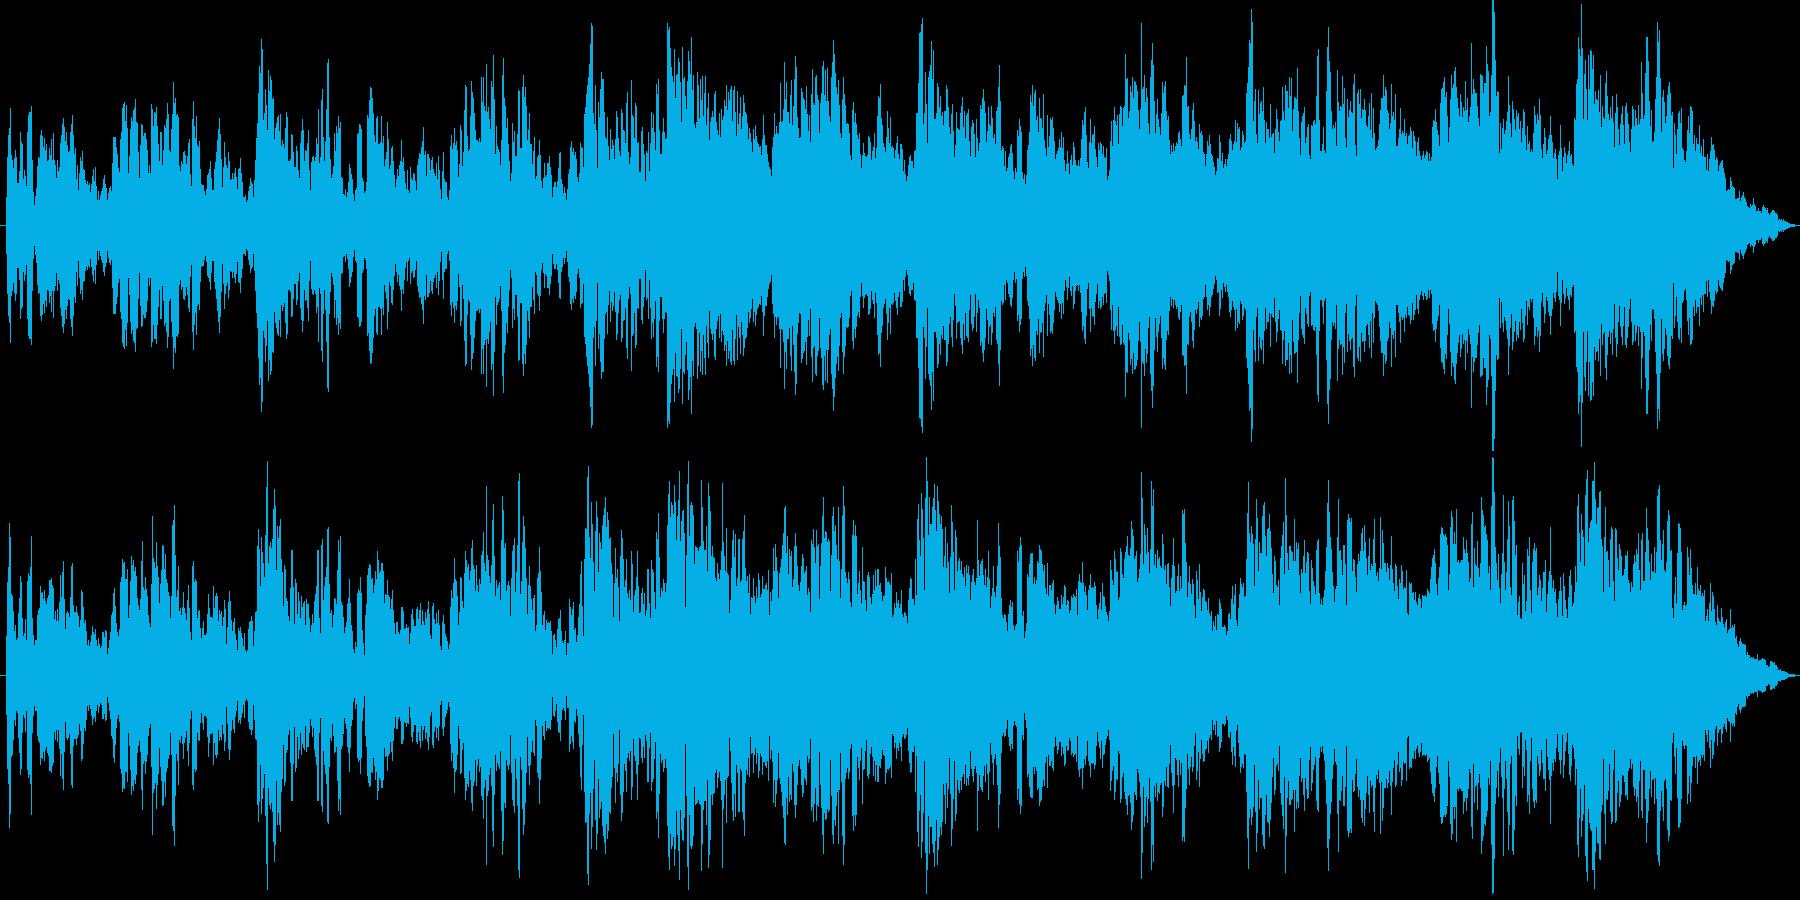 ジングル - 神秘!月面散歩のBGMの再生済みの波形